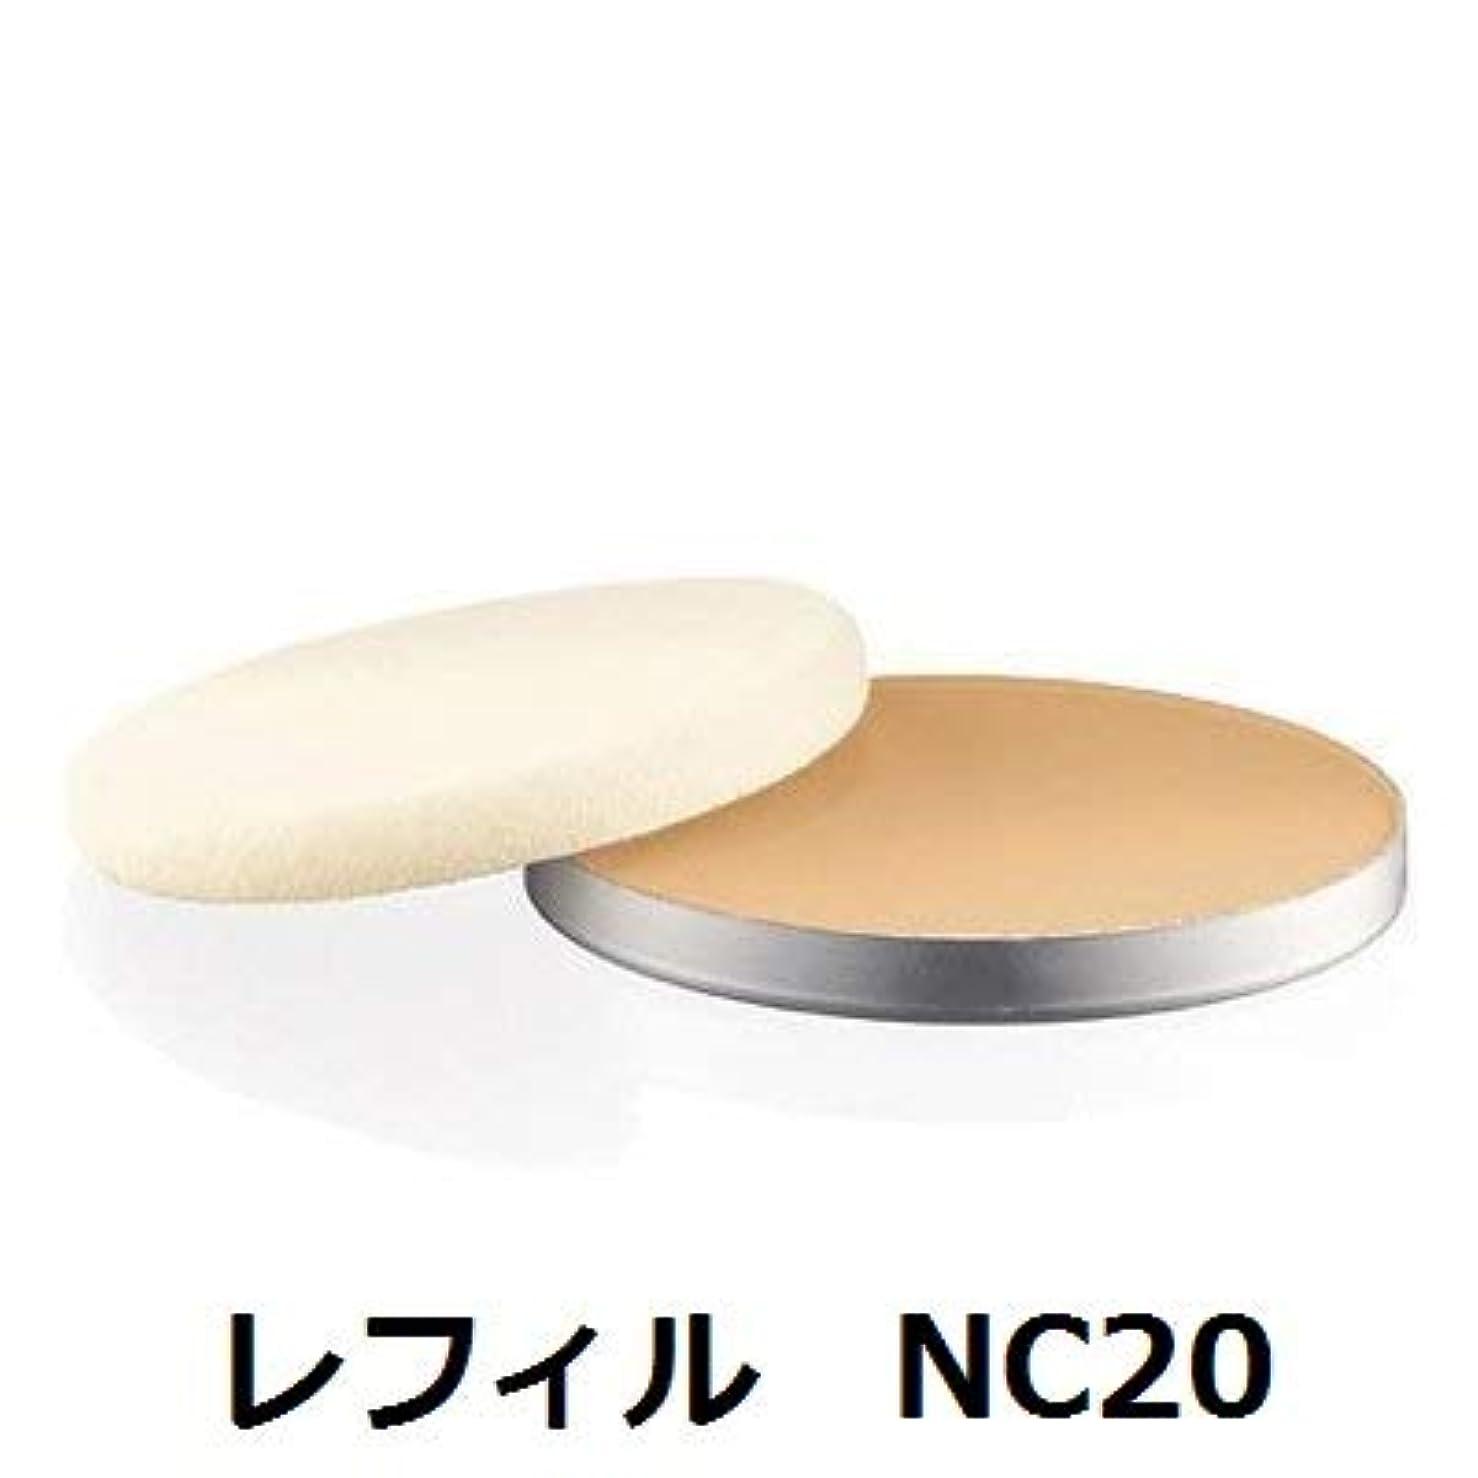 何でも清める臨検マック(MAC) ライトフルC+SPF 30ファンデーション レフィル #NC20 14g [並行輸入品]